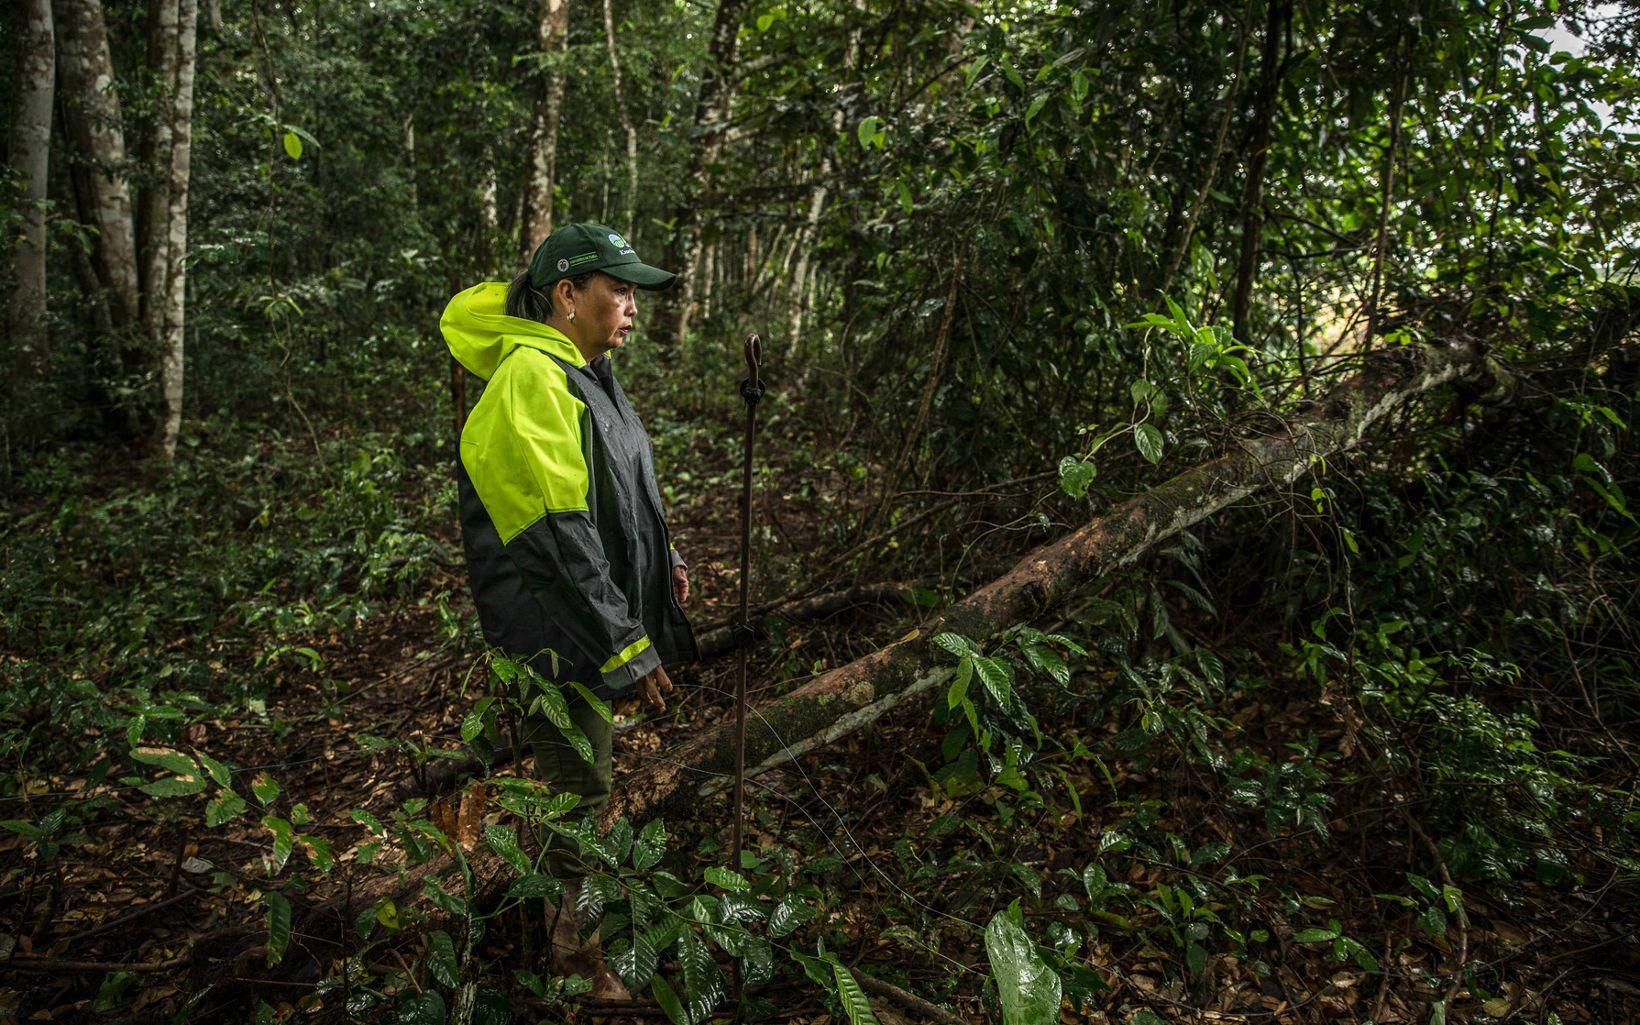 Blanca tiene claro que proteger su bosque la ayuda a ella, a sus animales y a la vida que ahí existe.